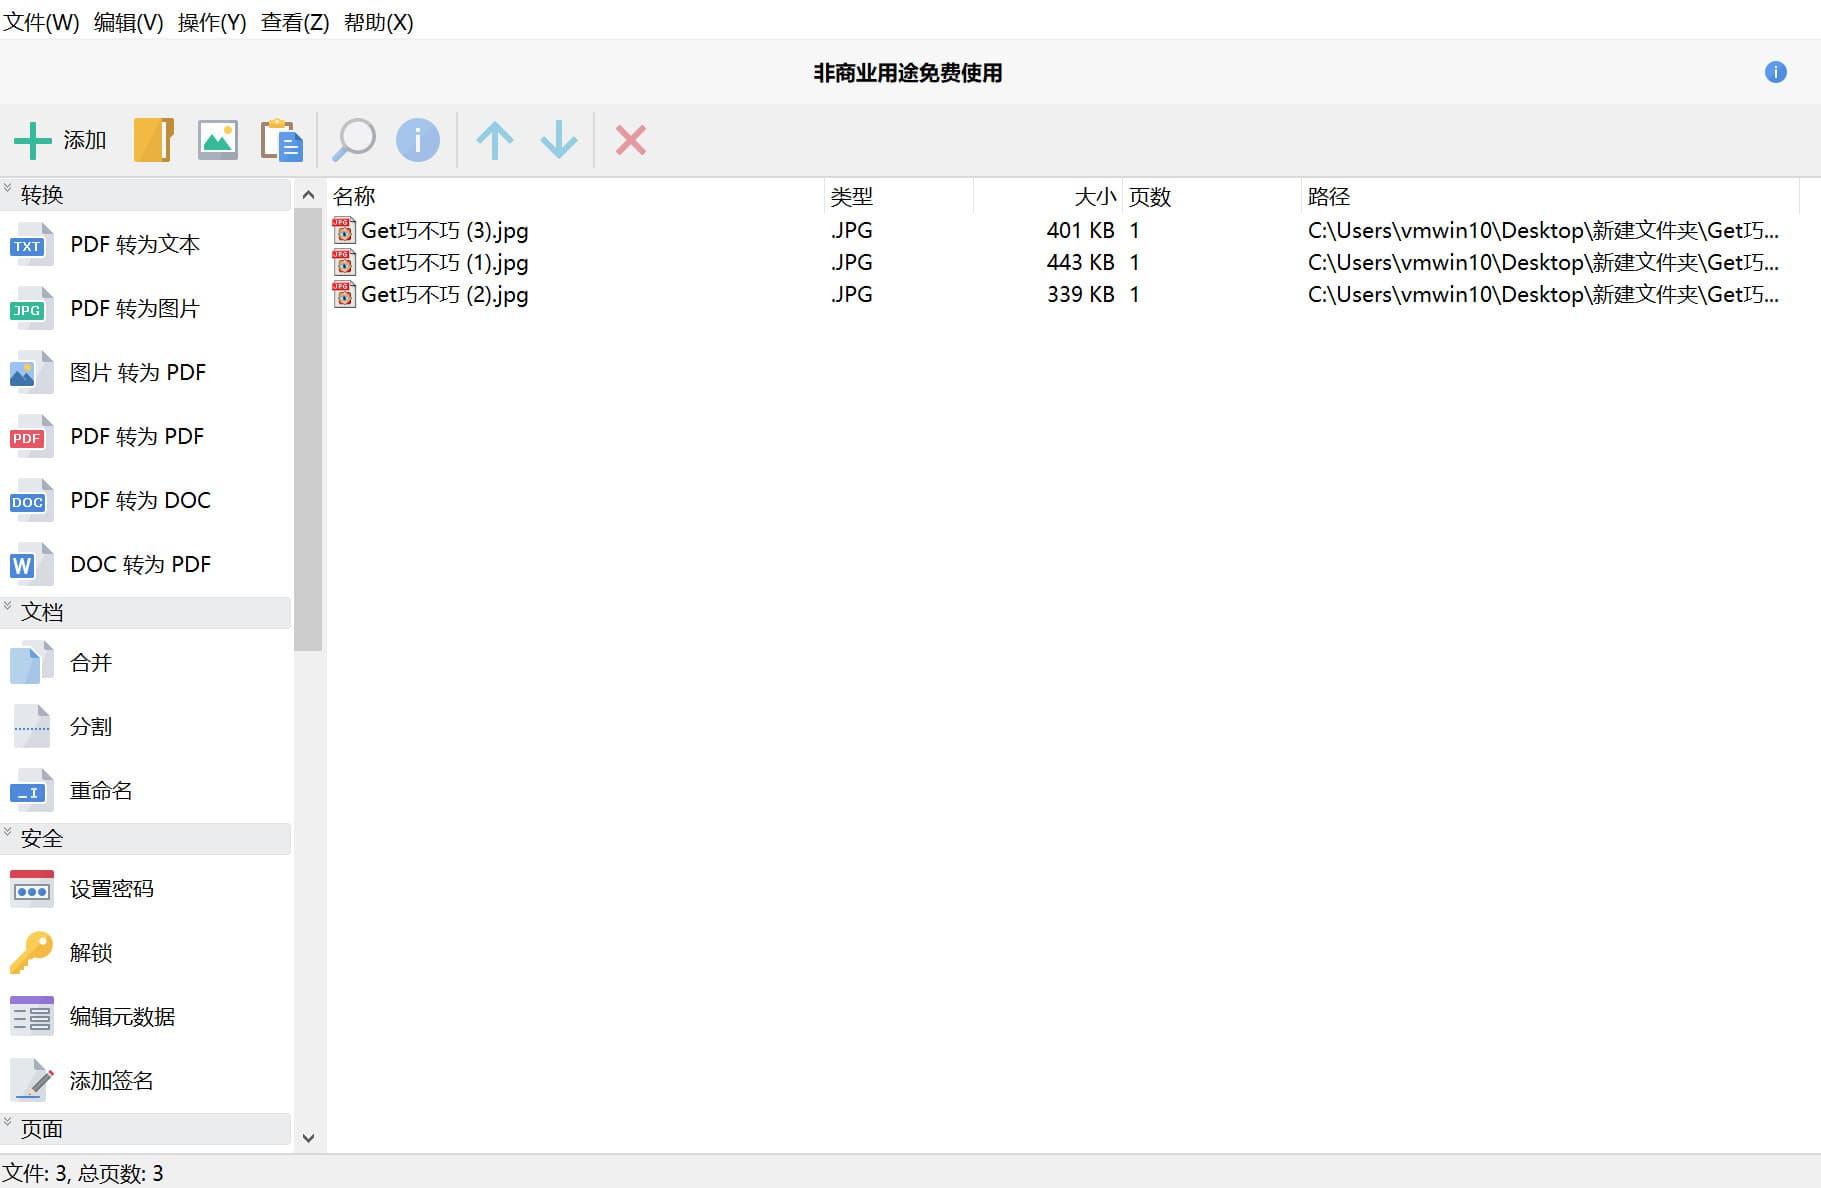 批量图片和PDF文件互转,支持解锁、分割、合并、添加裁剪移动删除页面